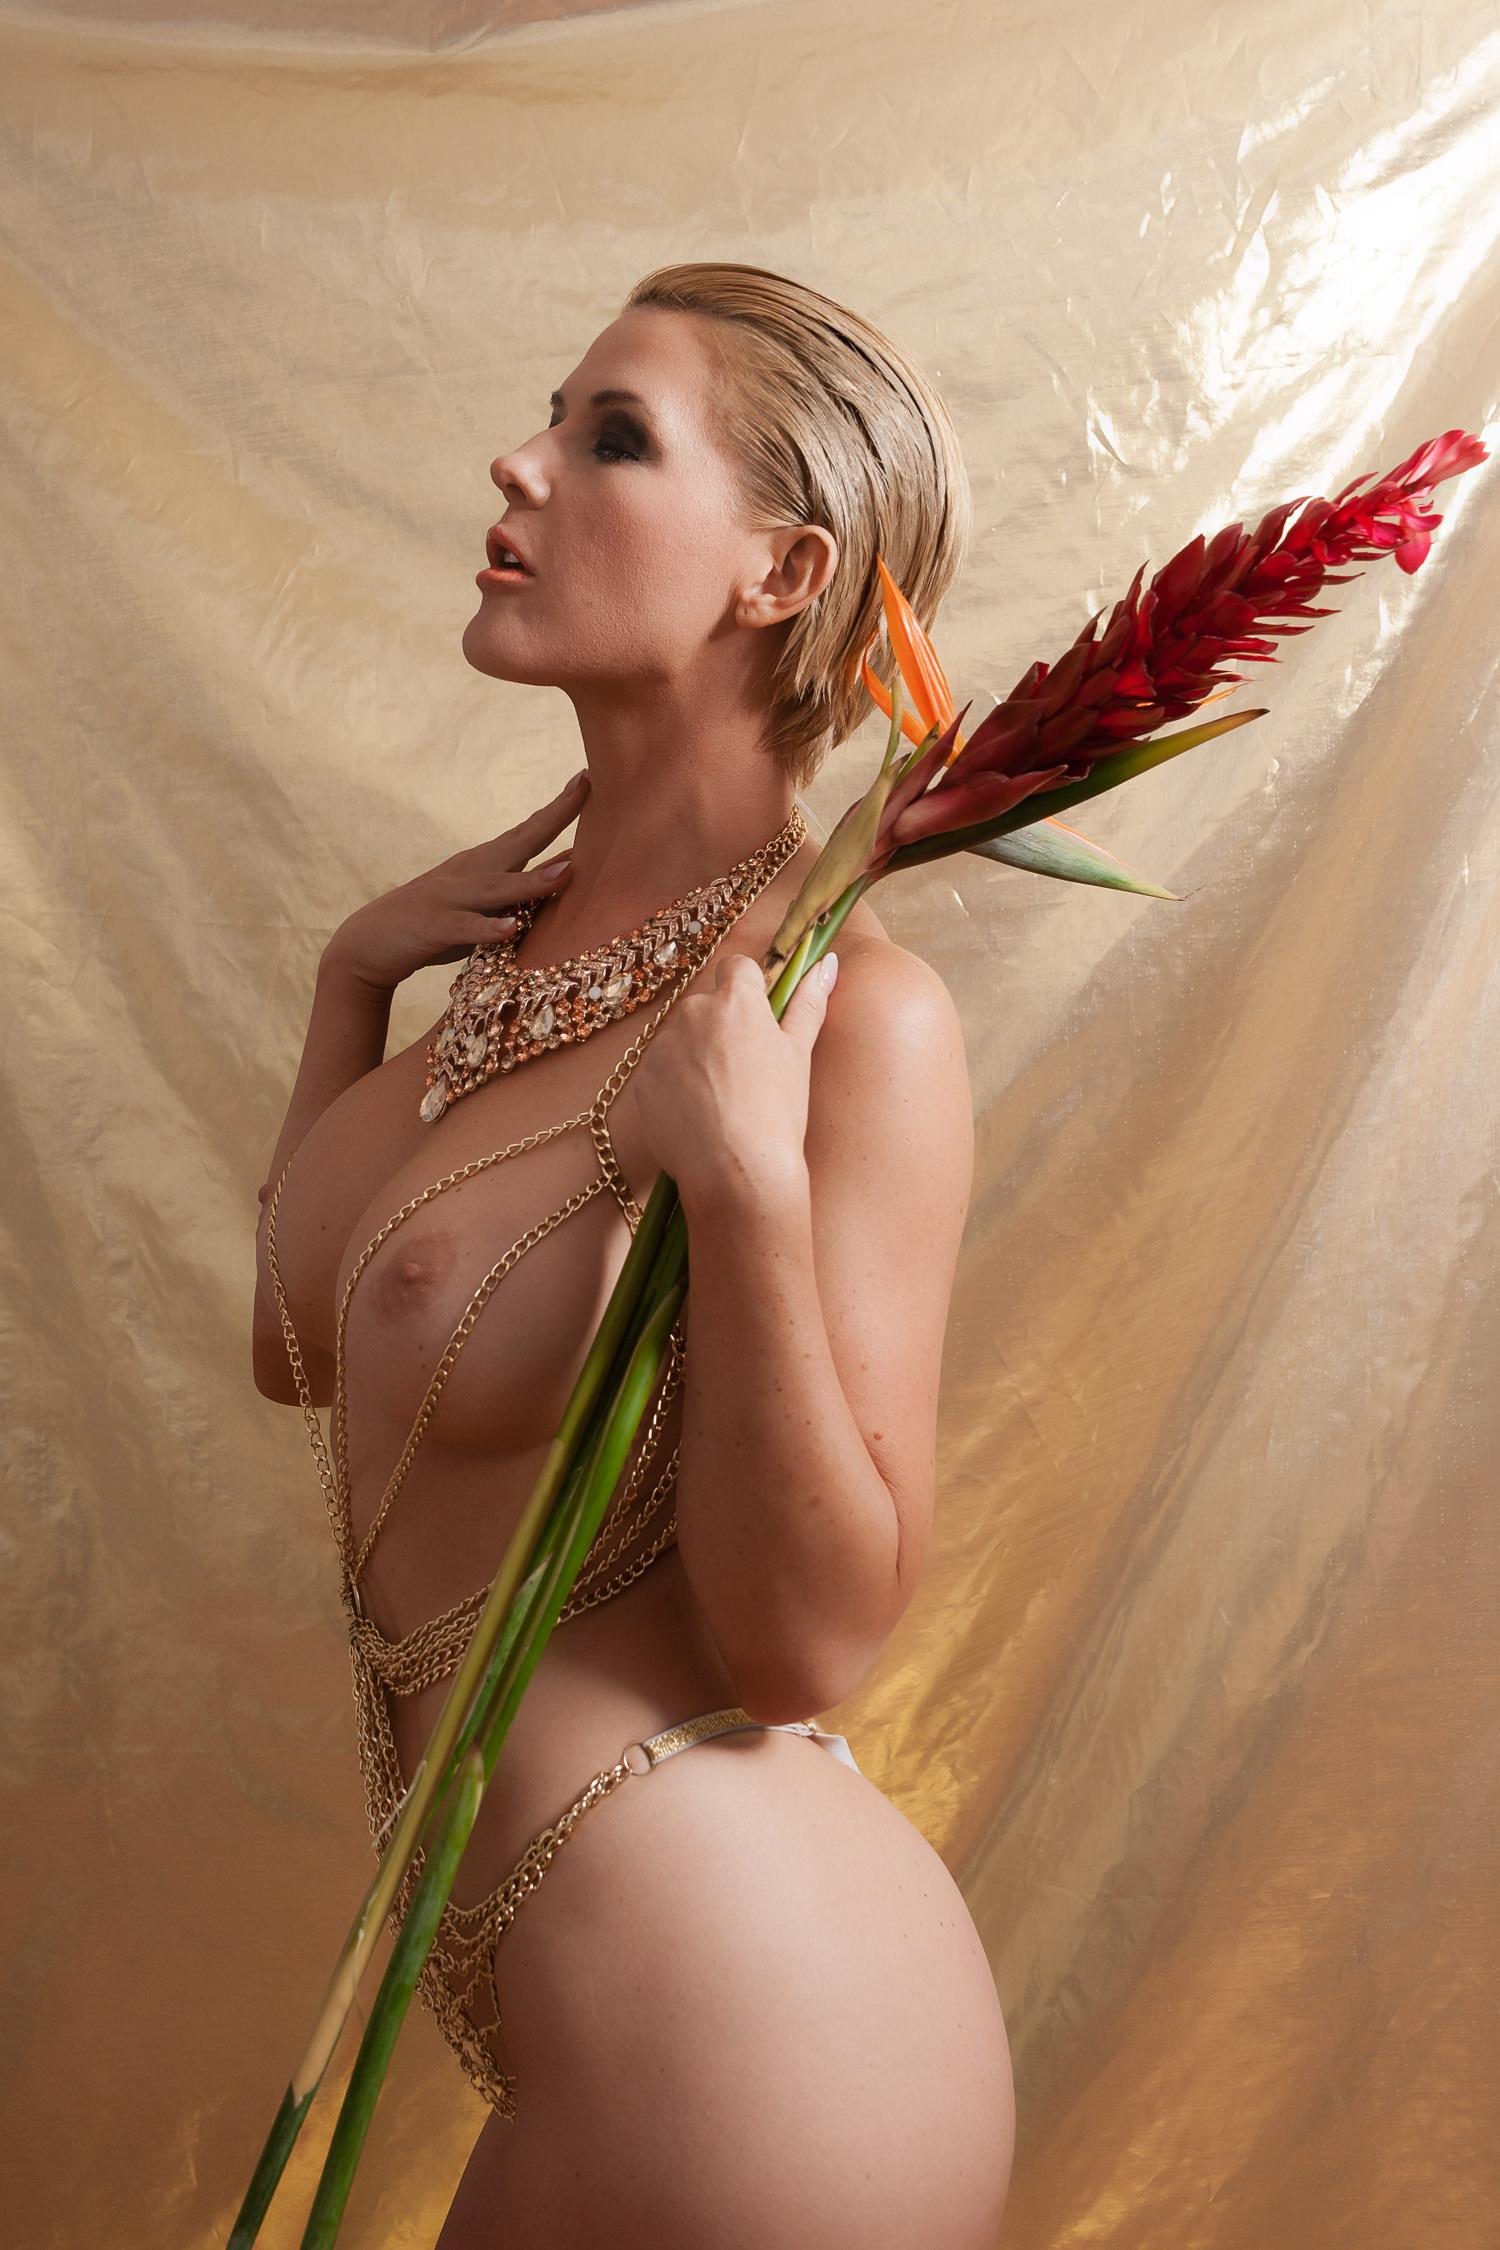 Micro Gold String Bikini nude girl holding ginger flower